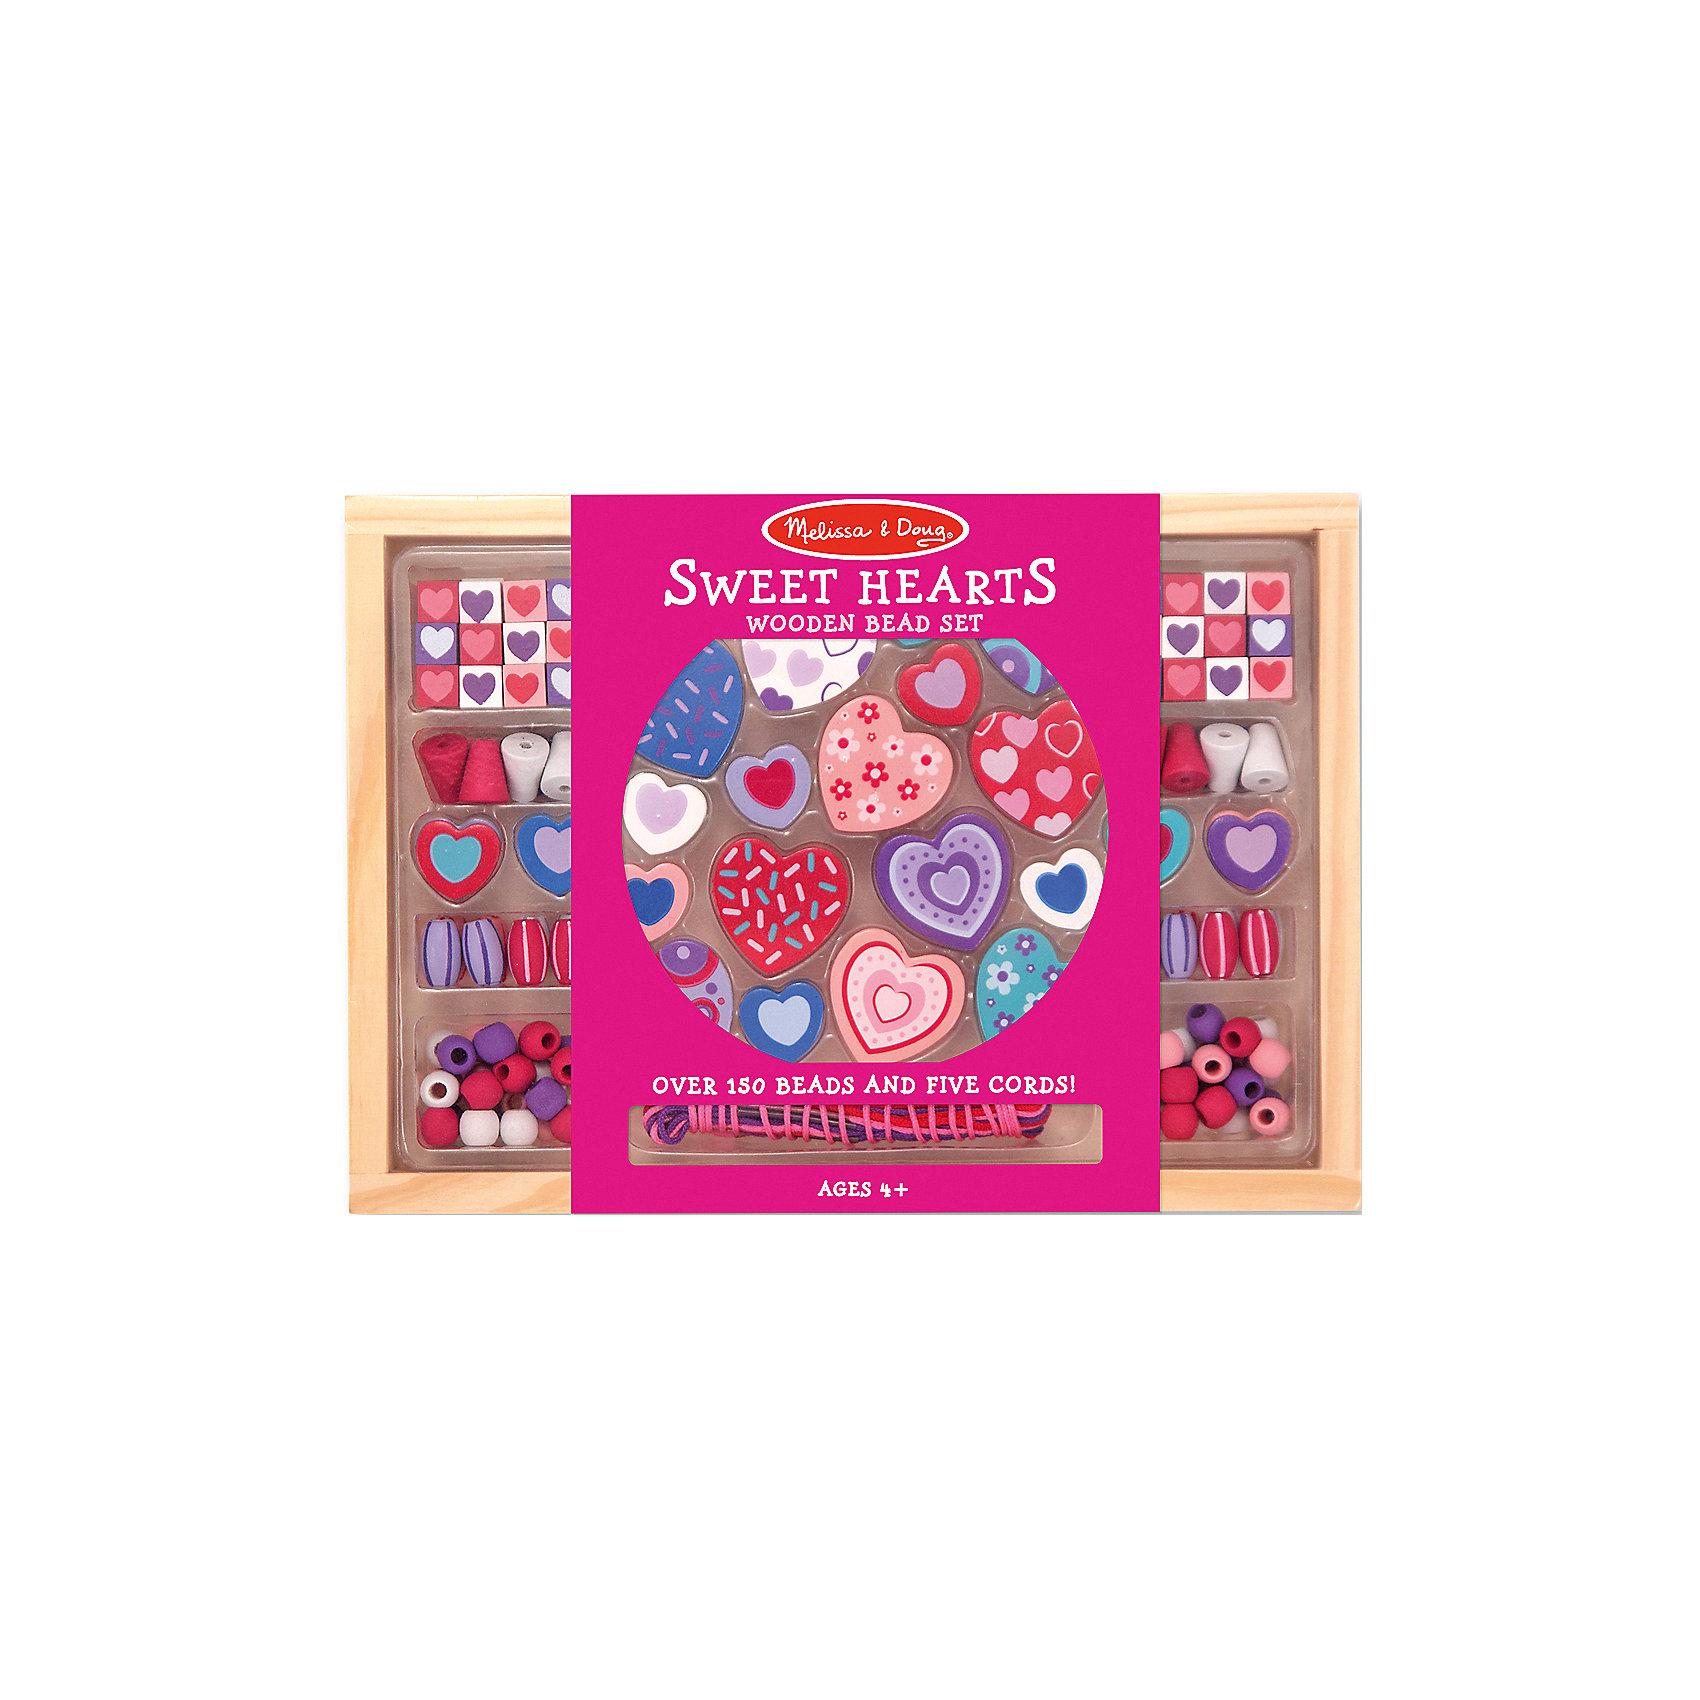 Набор бусин Сердечки, розовыйРукоделие<br>Отличный вариант подарка для девочки - этот набор, из которого можно самому сделать красивые украшения! Для этого нужно просто подобрать бусины и нанизать их на шнурки, идущие в комплекте. Получаются очень красивые бусы или браслеты, которые можно носить!<br>Делая украшение, ребенок будет развивать воображение и мелкую моторику, также дети учатся подбирать цвета и развивают художественные навыки. Этот набор произведен из качественных и безопасных для детей материалов.<br><br>Дополнительная информация:<br><br>материал: дерево;<br>цвет: разноцветный;<br>комплектация: 5 шнурков, 100 разных бусин.<br><br>Набор бусин Сердечки, розовый от бренда Melissa&amp;Doug можно купить в нашем магазине.<br><br>Ширина мм: 250<br>Глубина мм: 30<br>Высота мм: 180<br>Вес г: 295<br>Возраст от месяцев: 48<br>Возраст до месяцев: 120<br>Пол: Женский<br>Возраст: Детский<br>SKU: 4993652